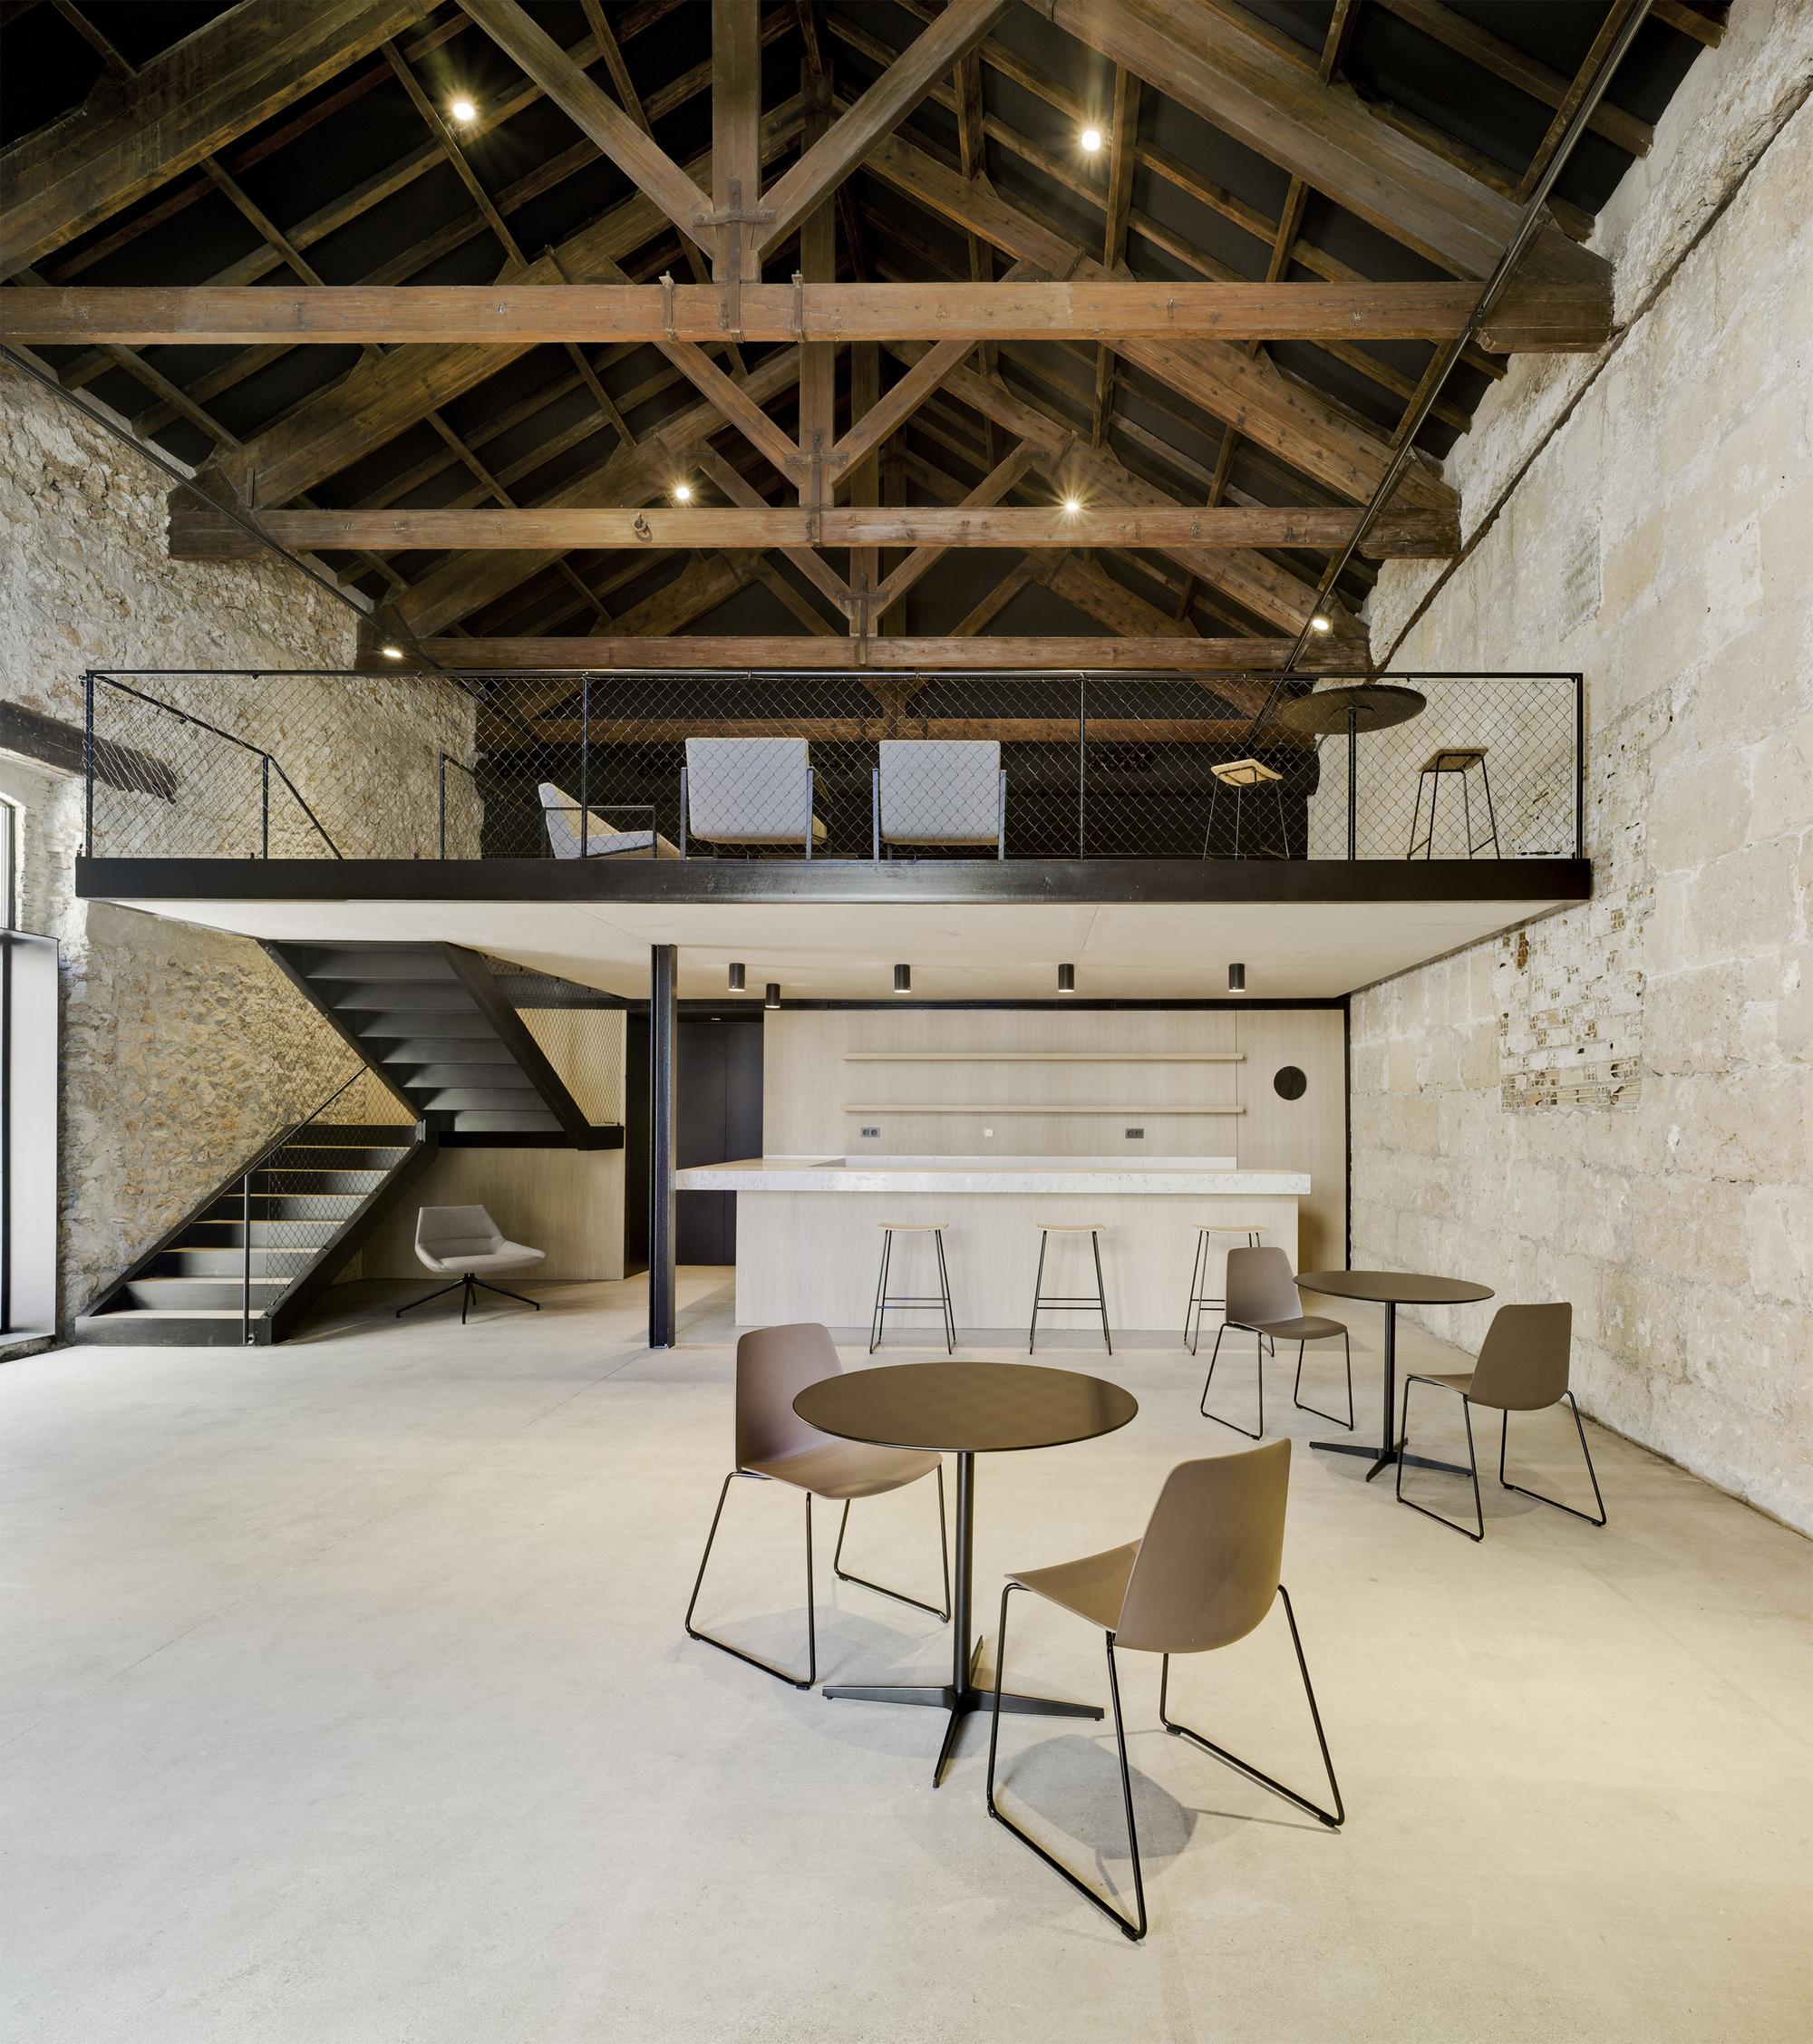 Virgen del carmen bar estudio arn arquitectos archdaily - Estudios de arquitectura en toledo ...